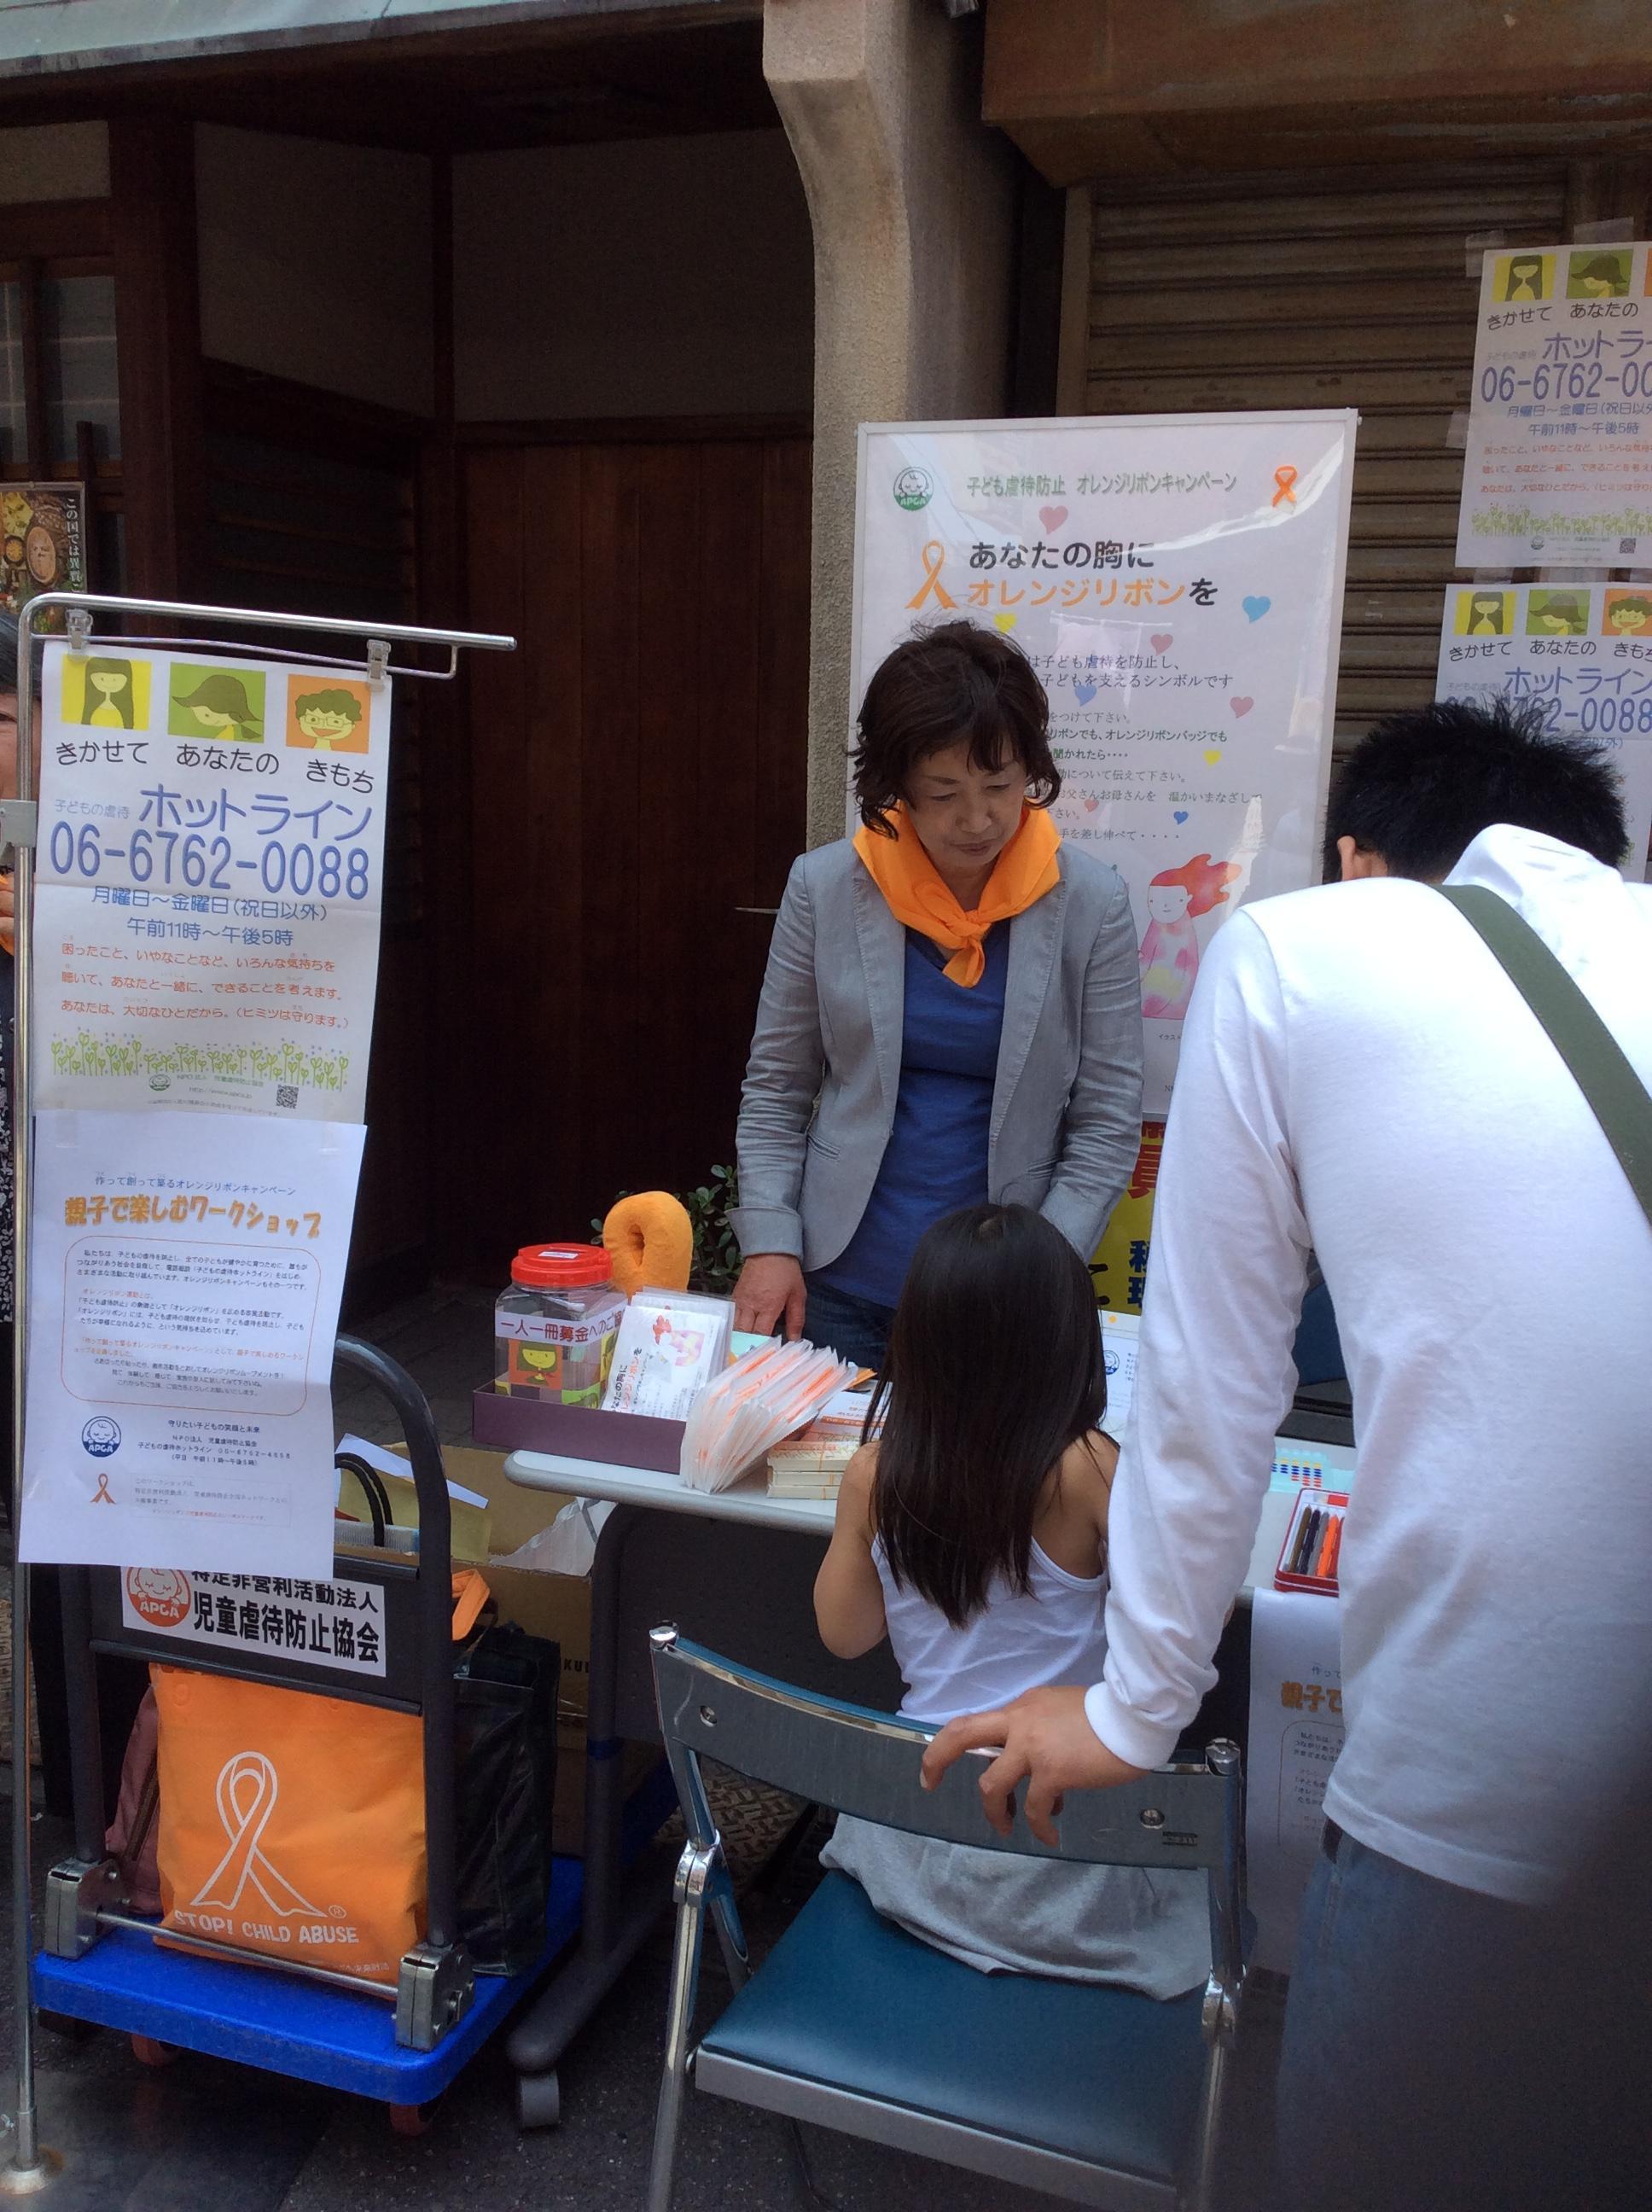 http://www.orangeribbon.jp/info/organization/fe25580a5d4514f69084537c5f640499681c1cec.JPG